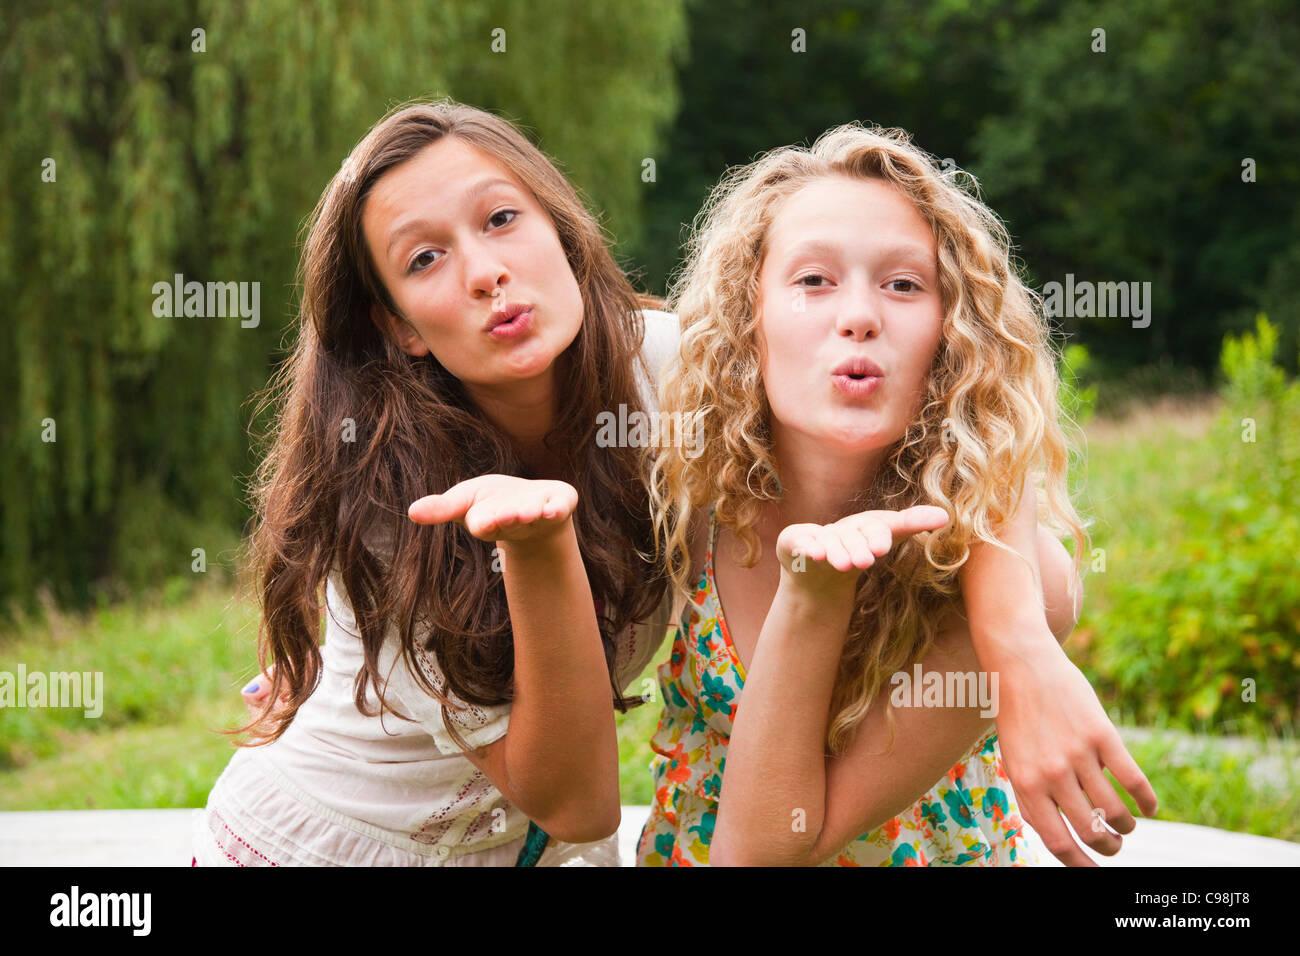 Due ragazze adolescenti ingannare intorno al paesaggio e baci di soffiatura Immagini Stock